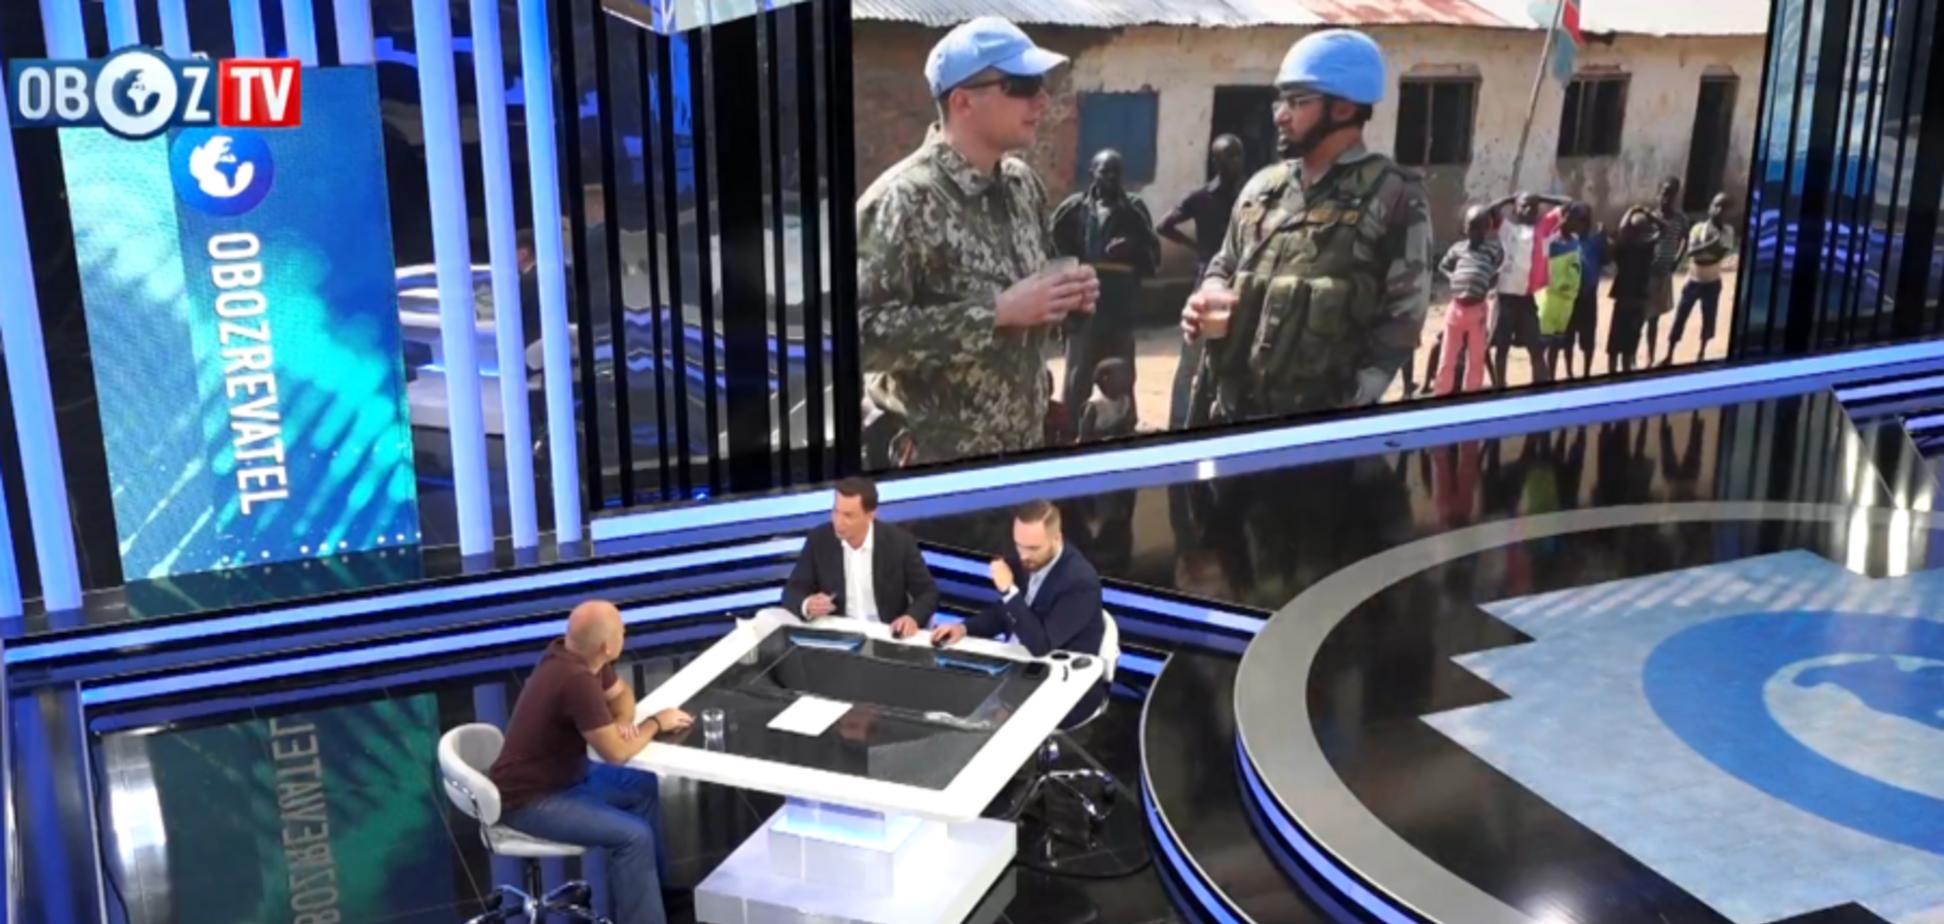 Миротворцы ООН на Донбассе: эксперт объяснил, в чем смысл переговоров Зеленского и Путина